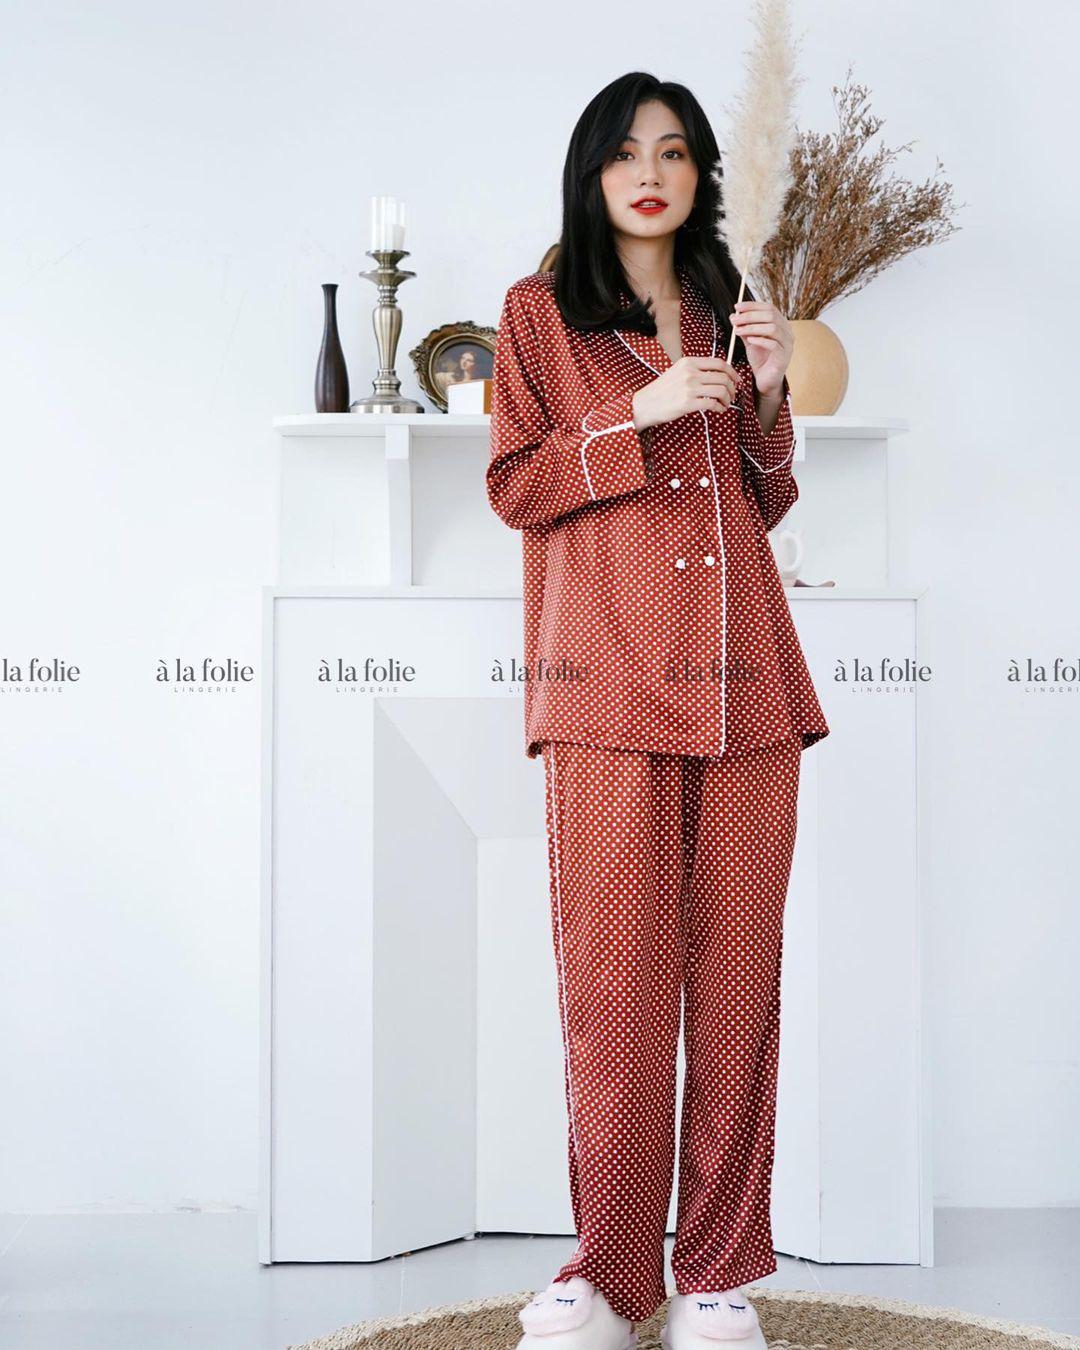 Chỉ từ 200k, chị em sắm được ngay pyjama dài tay ấm mà xinh - ảnh 13